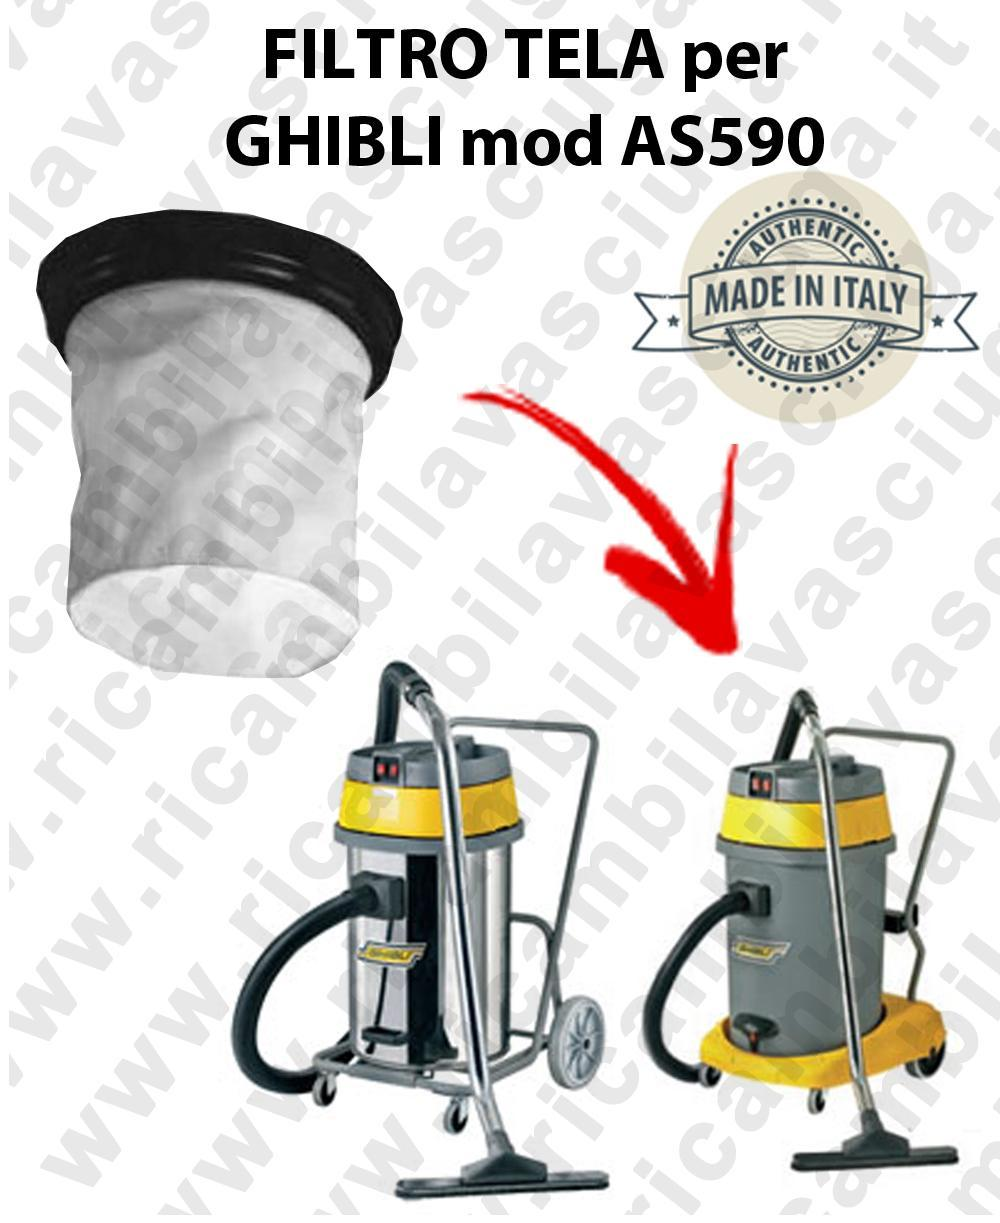 AS 590 TEXTILFILTER für Staubsauger GHIBLI